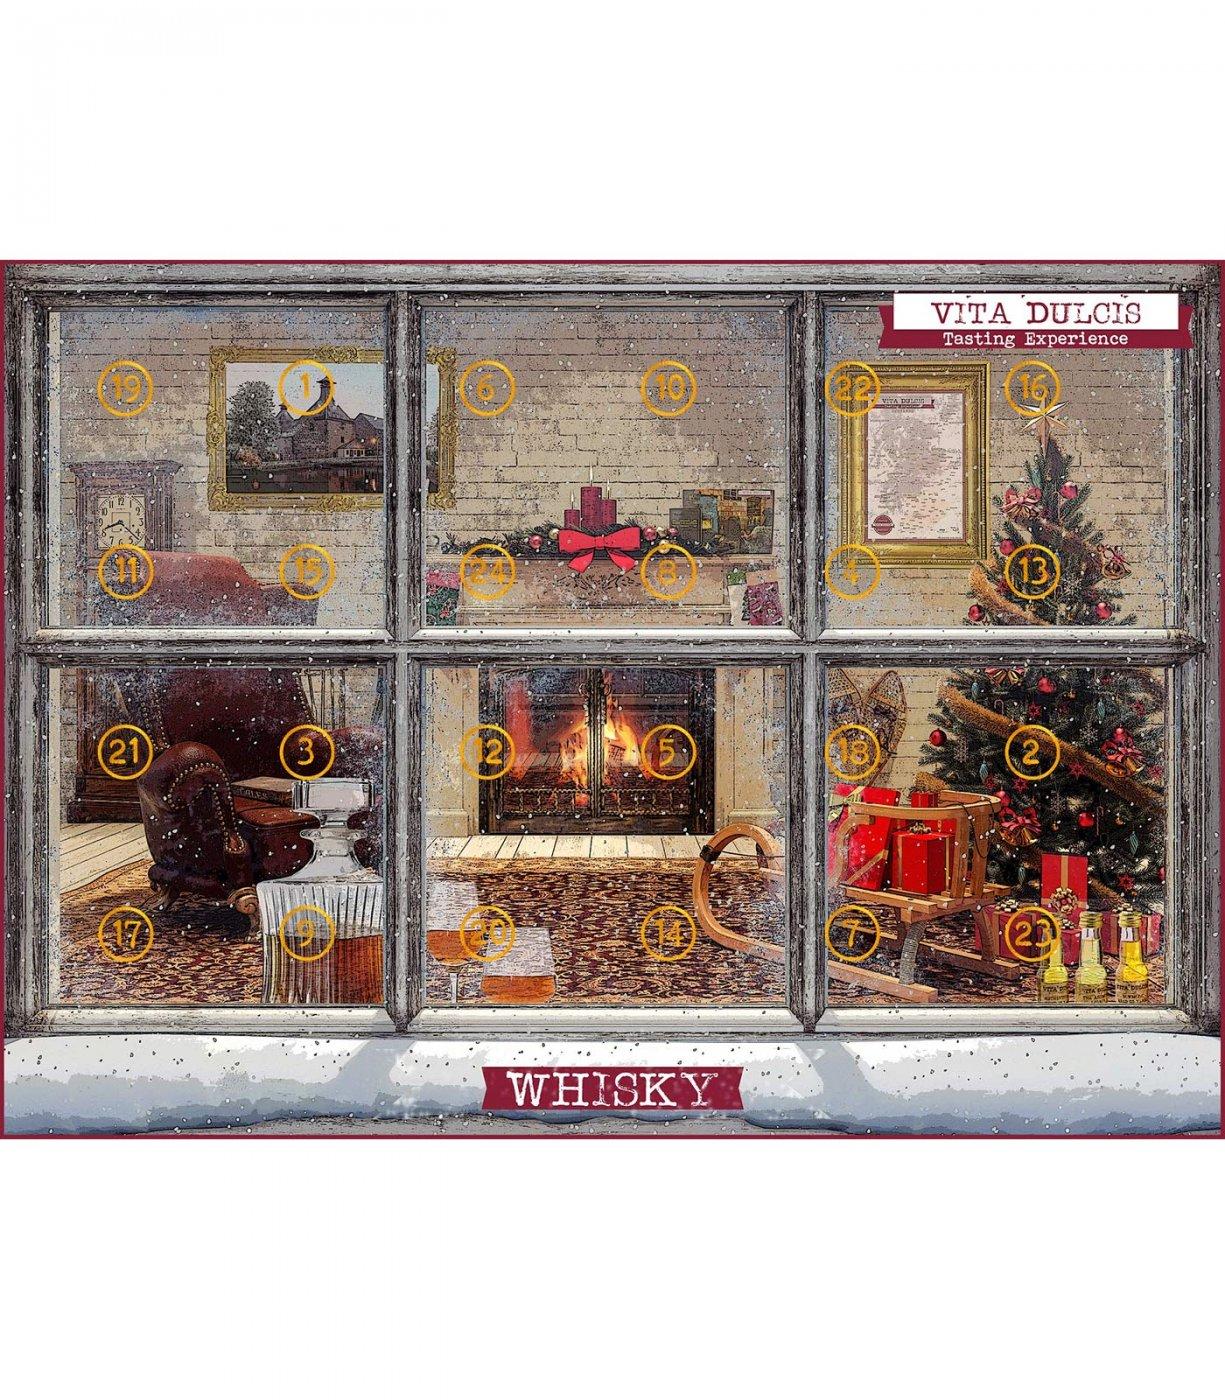 whisky adventskalender mit ganzen 24 sorten. Black Bedroom Furniture Sets. Home Design Ideas